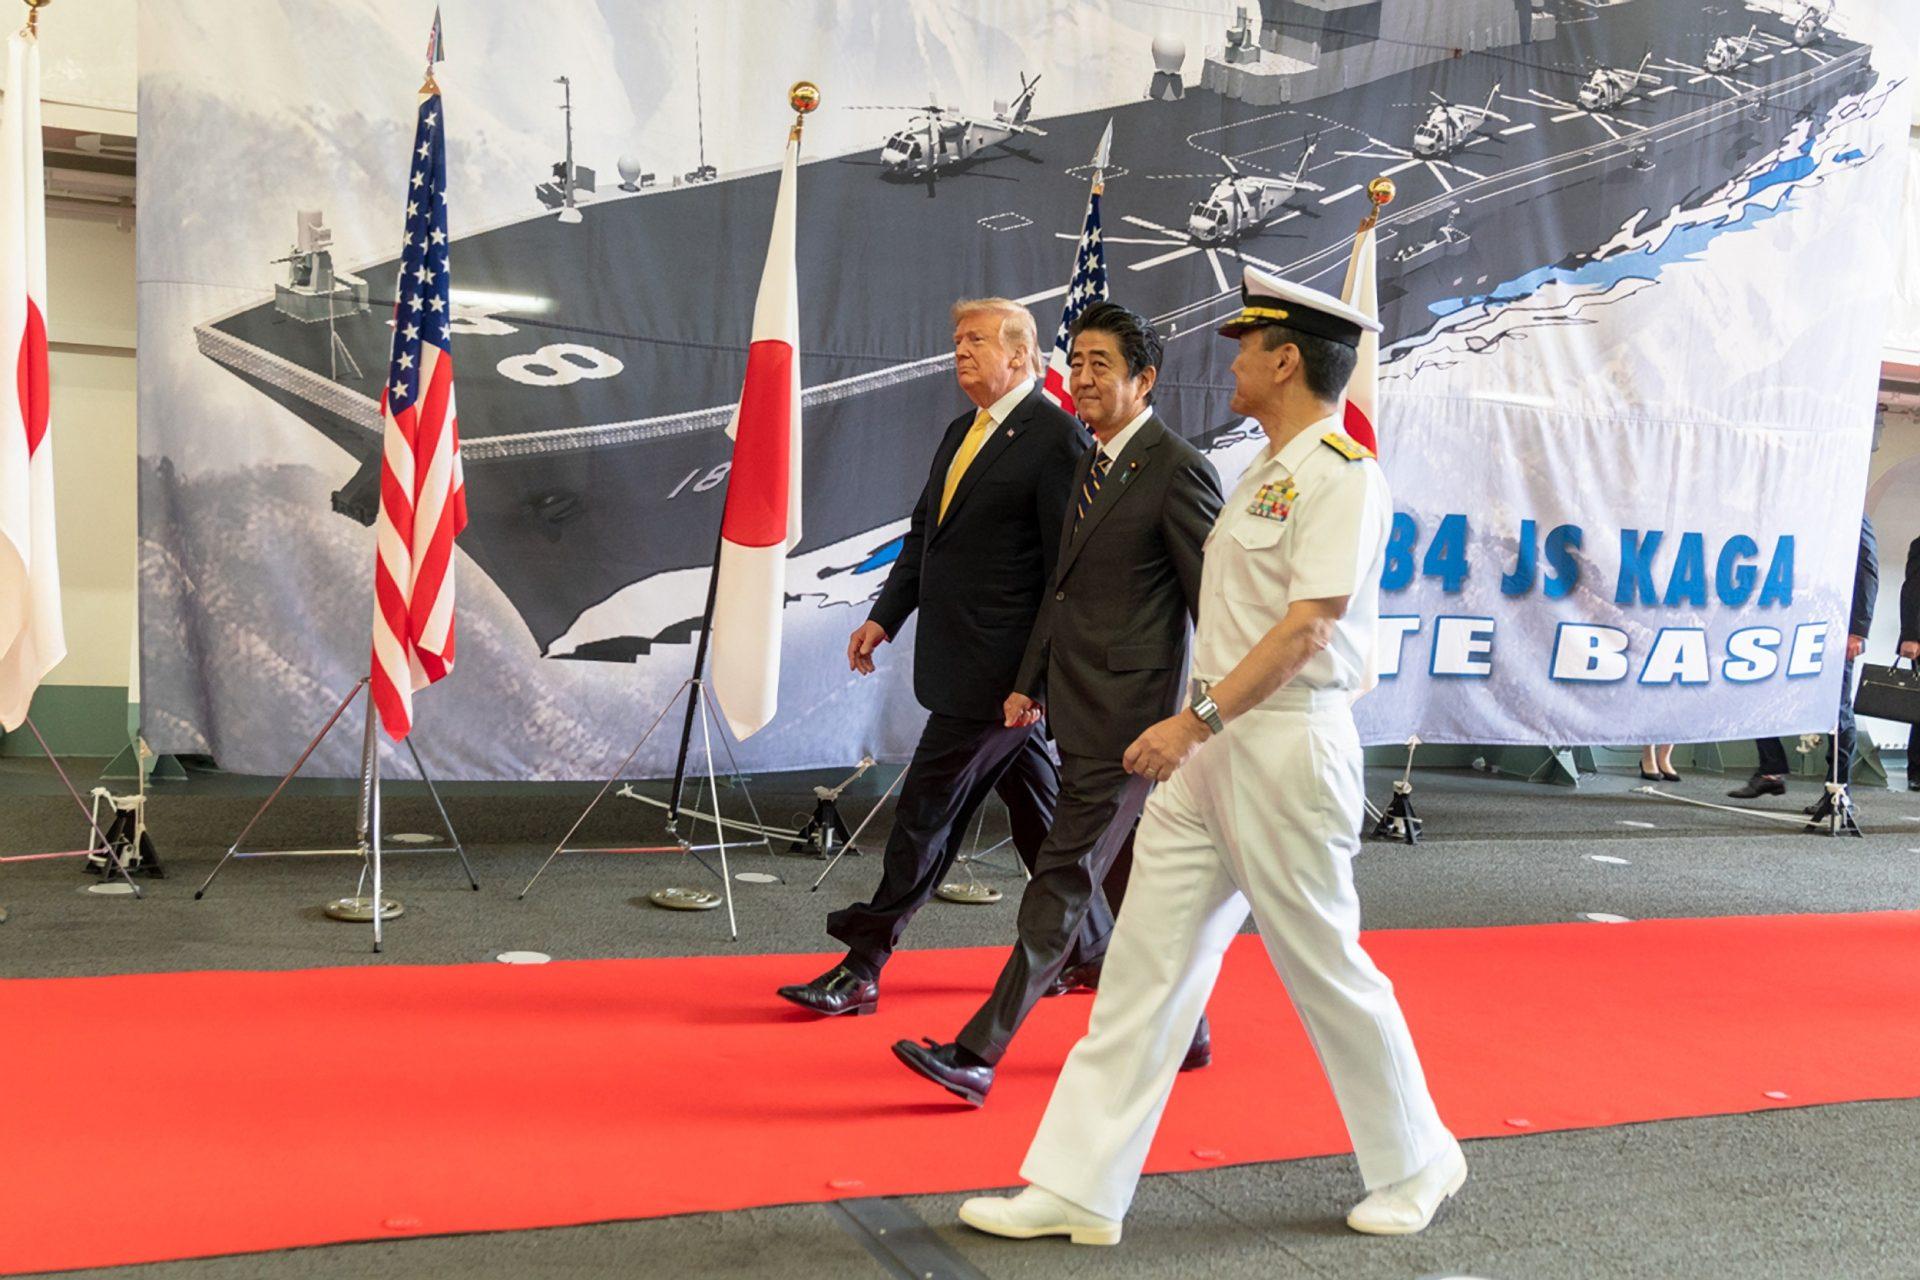 日米安全保障条約改定60周年を迎えて、元統合幕僚長の岩崎氏による「今後の日米関係の在り方」